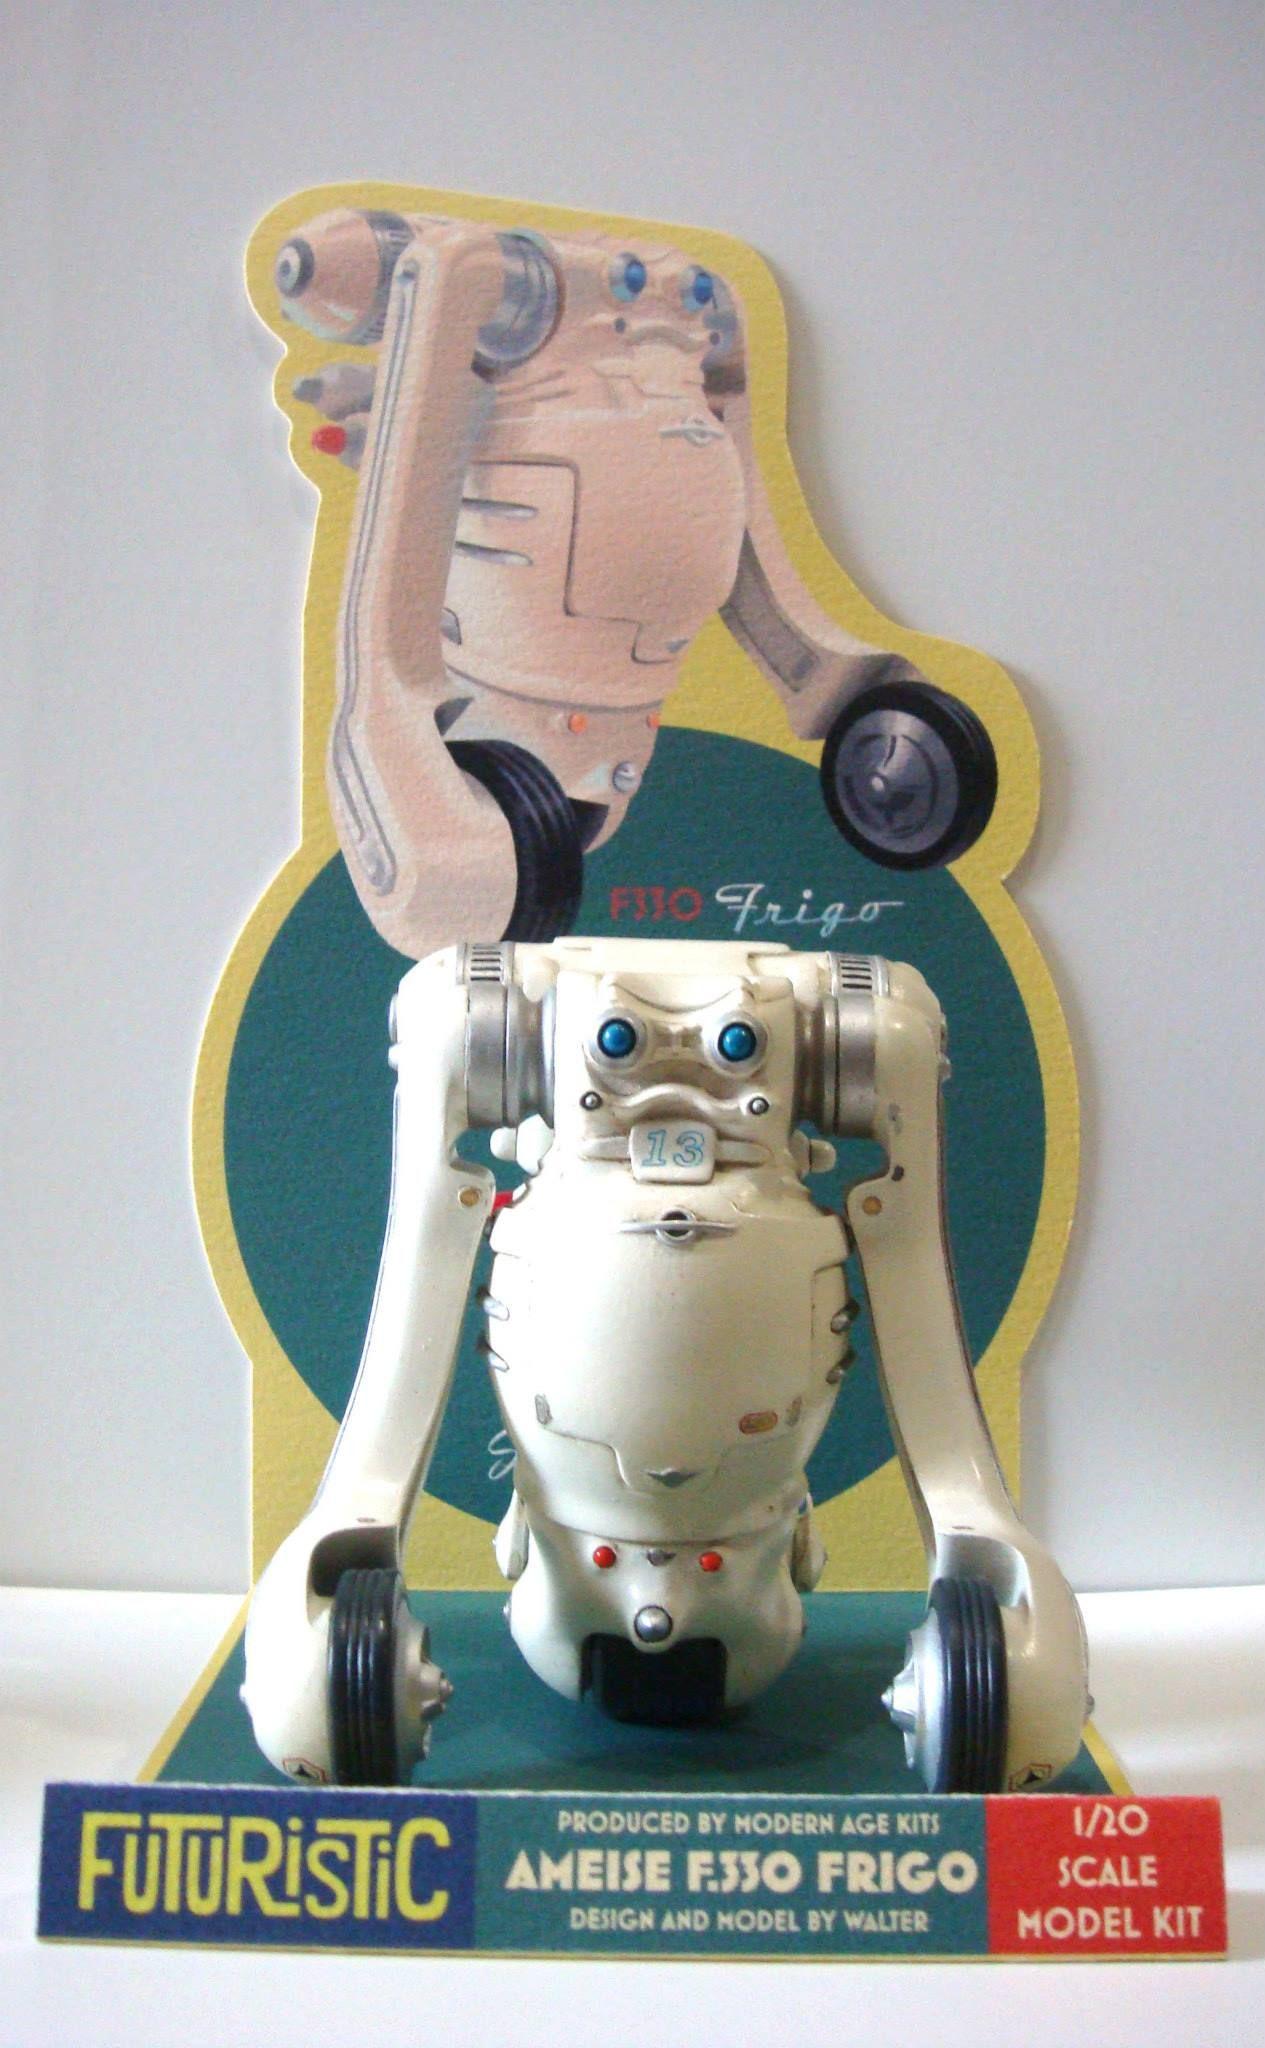 Ameise Frigo And Display Futuristic Robot Retro Futurism